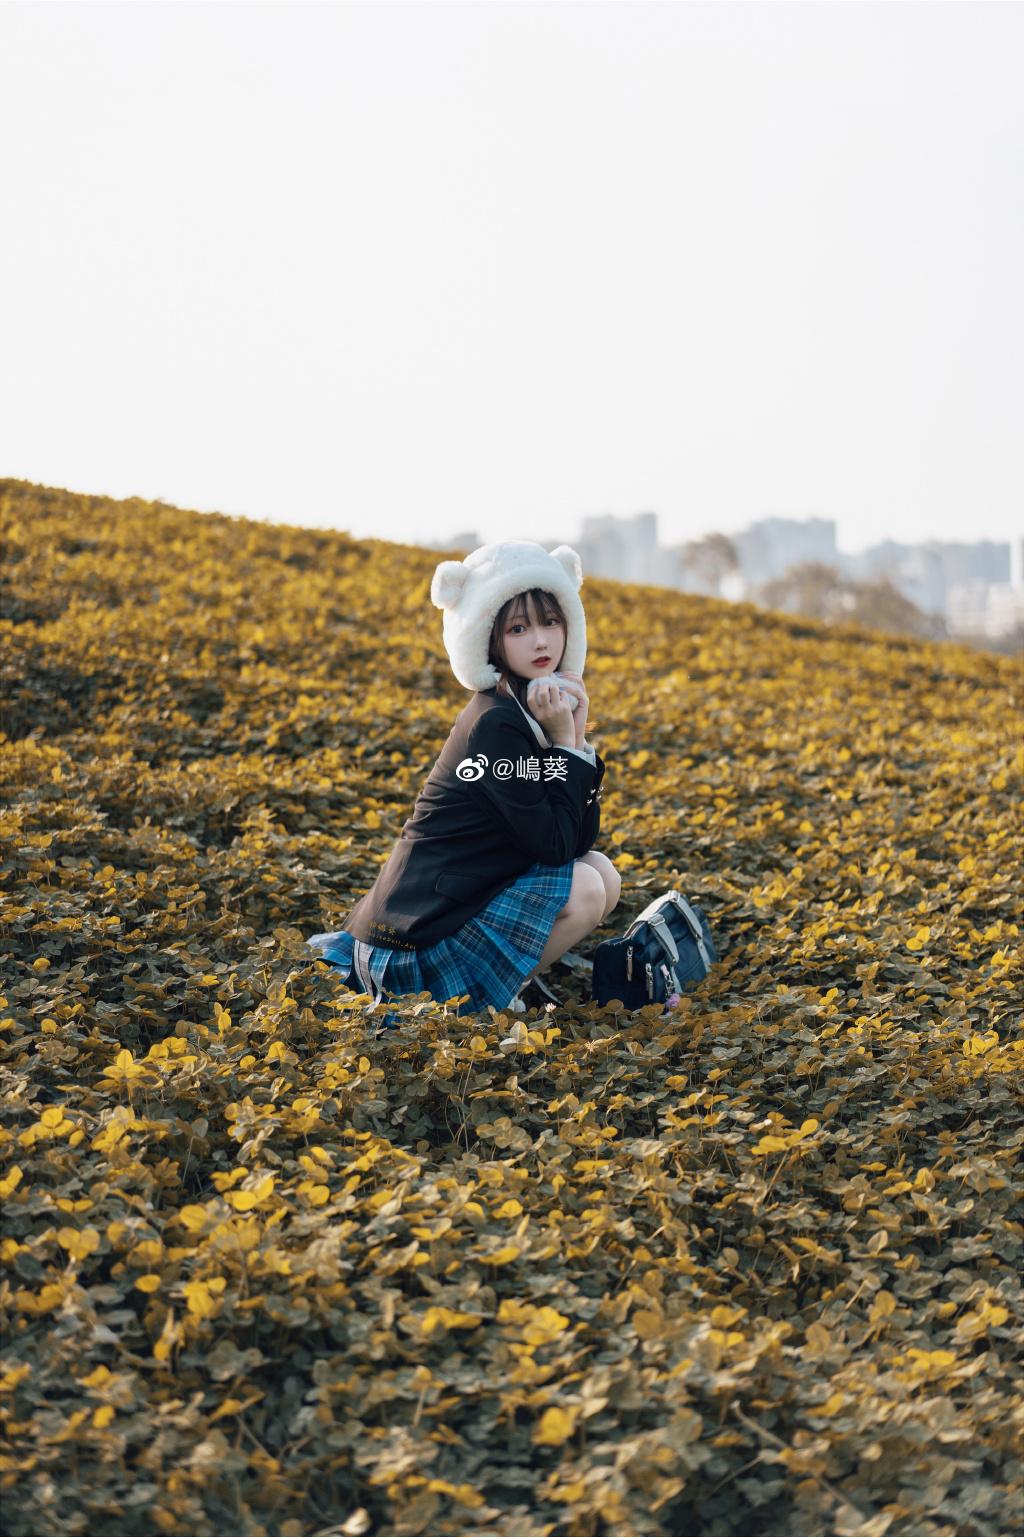 今日妹子图 20200520 圆脸二次元cosplay妹子 @嶋葵 liuliushe.net六六社 第5张